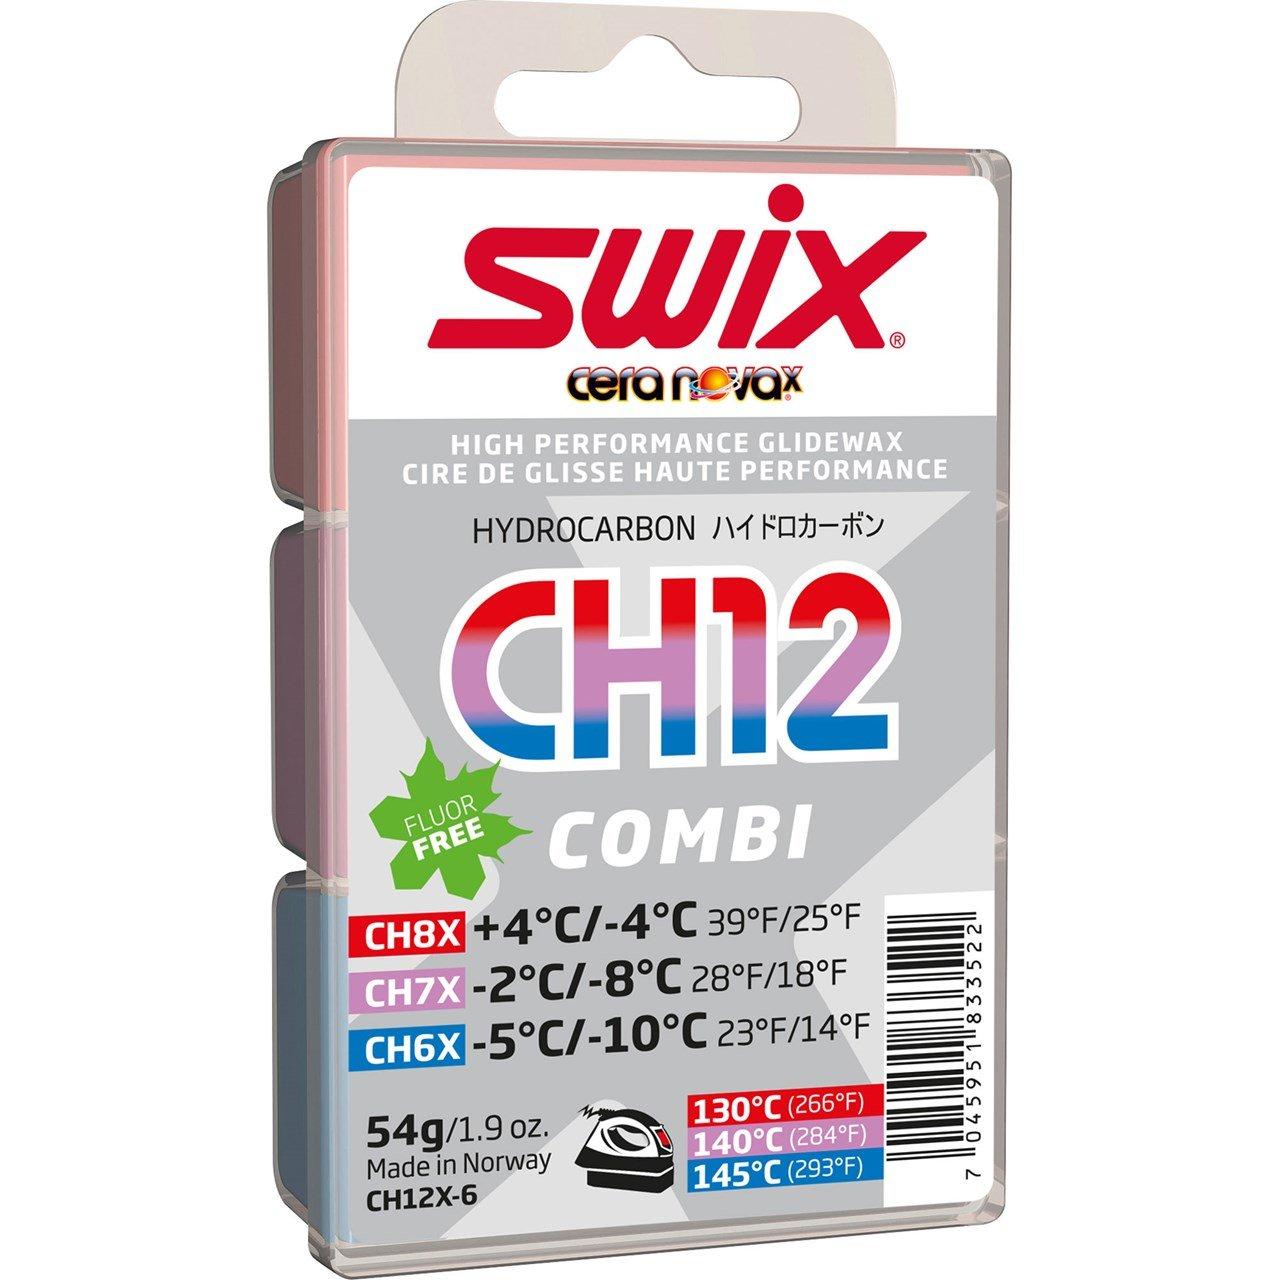 Swix CH12X Combi Wax